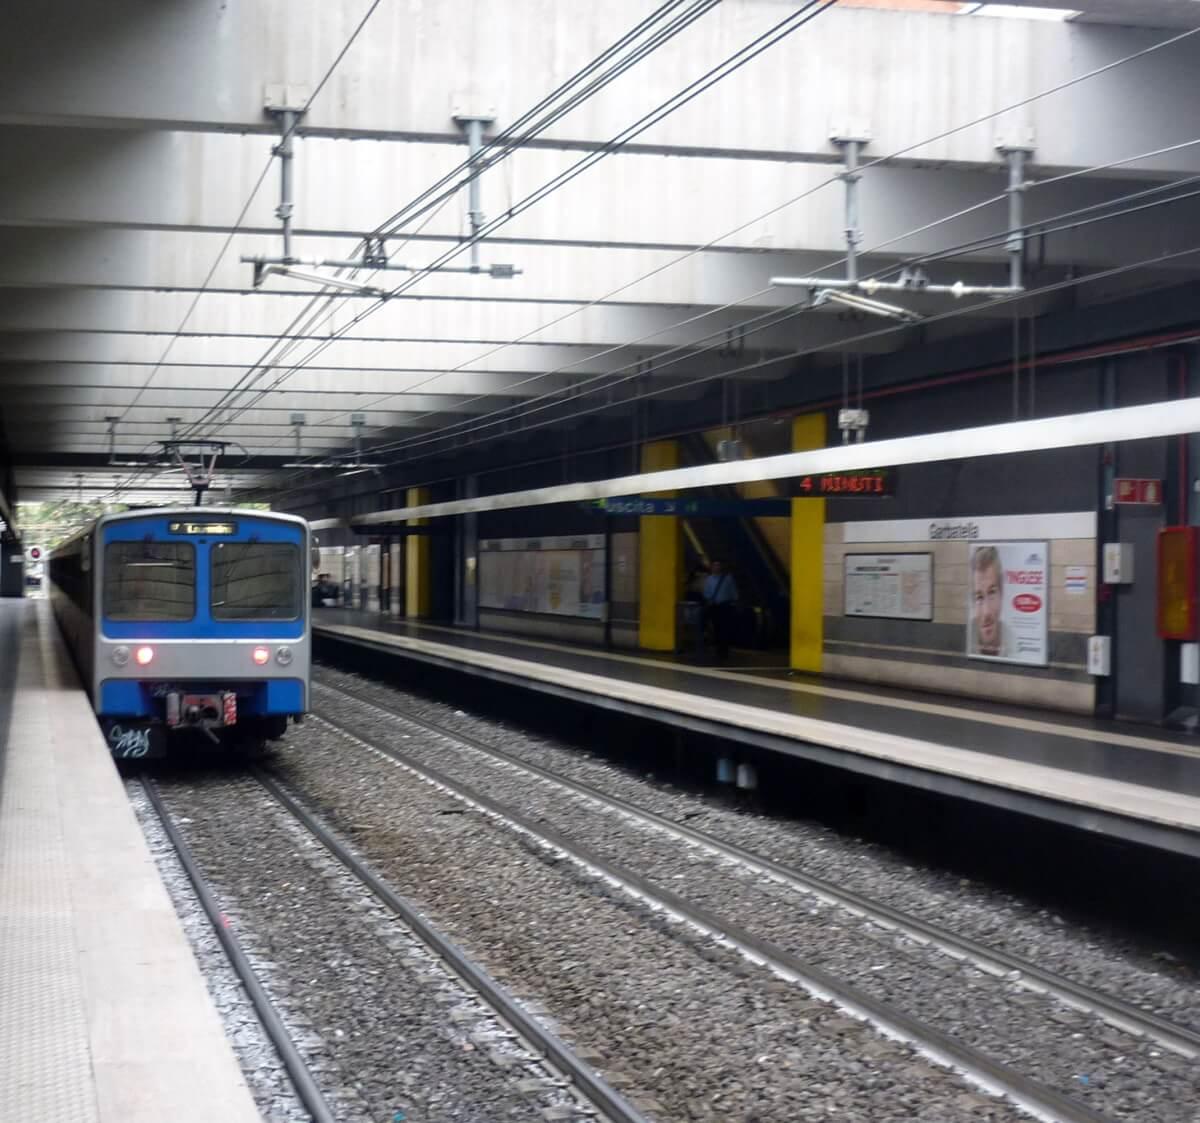 Metro Rwmh Xarths Kai Eisithria 2016 My Pretty Travels